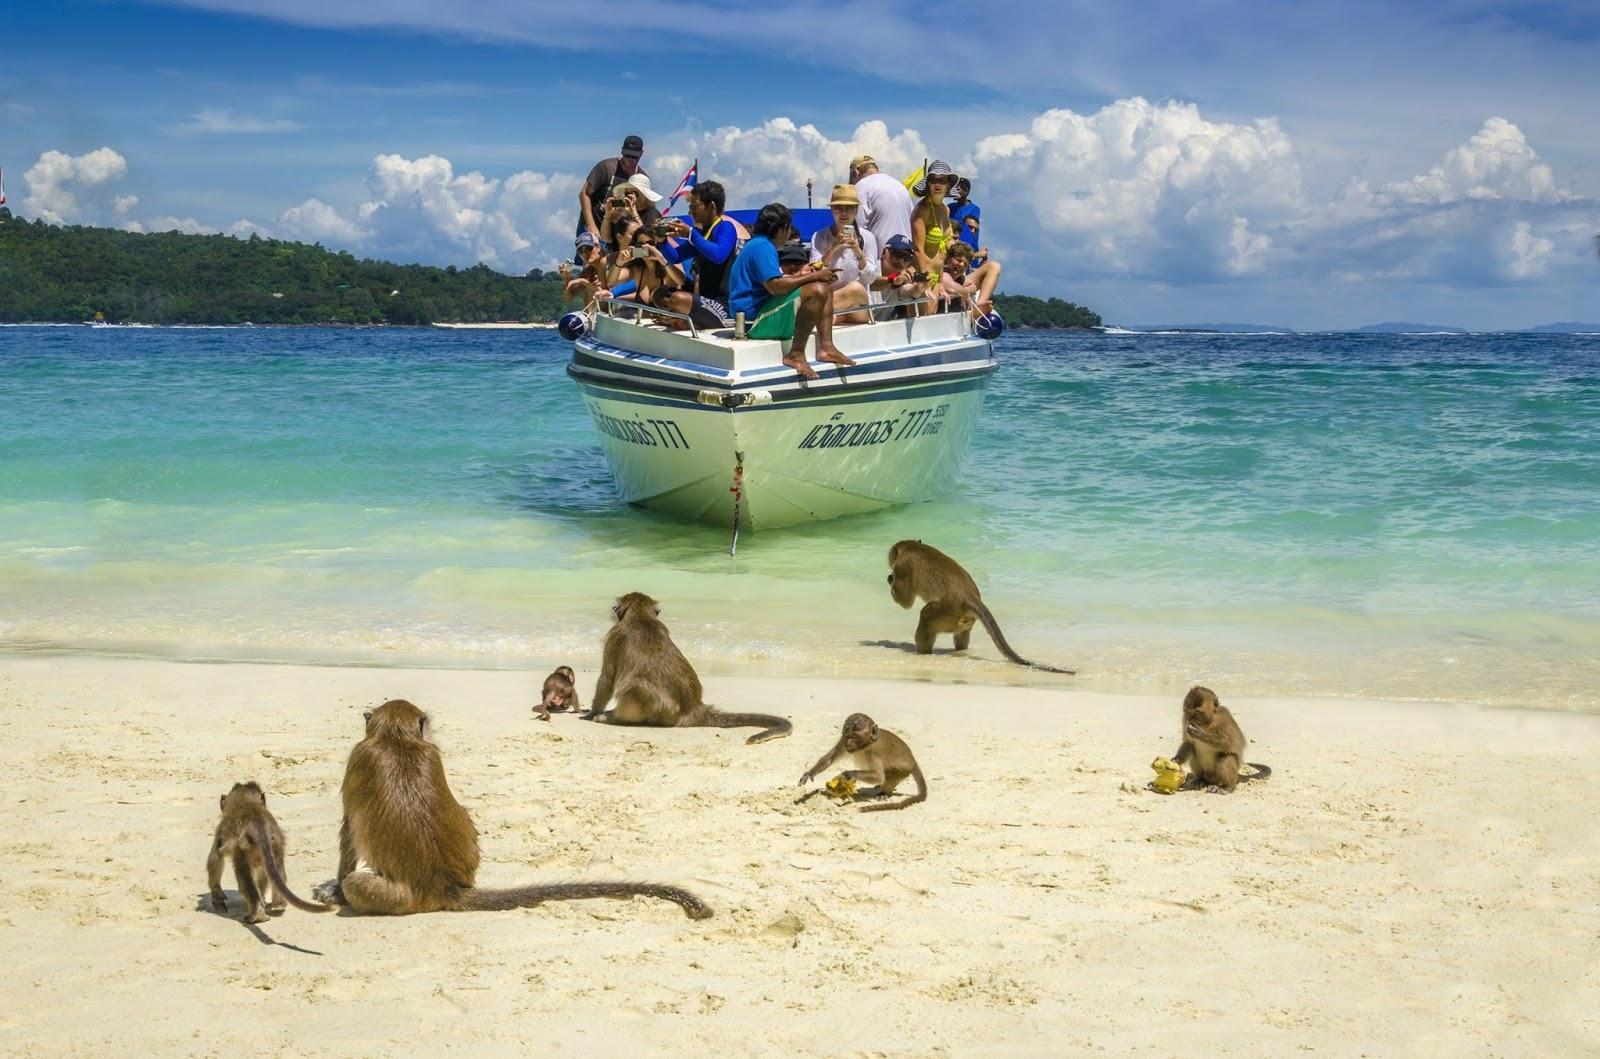 Лучшие пляжи Пенанга для туристов